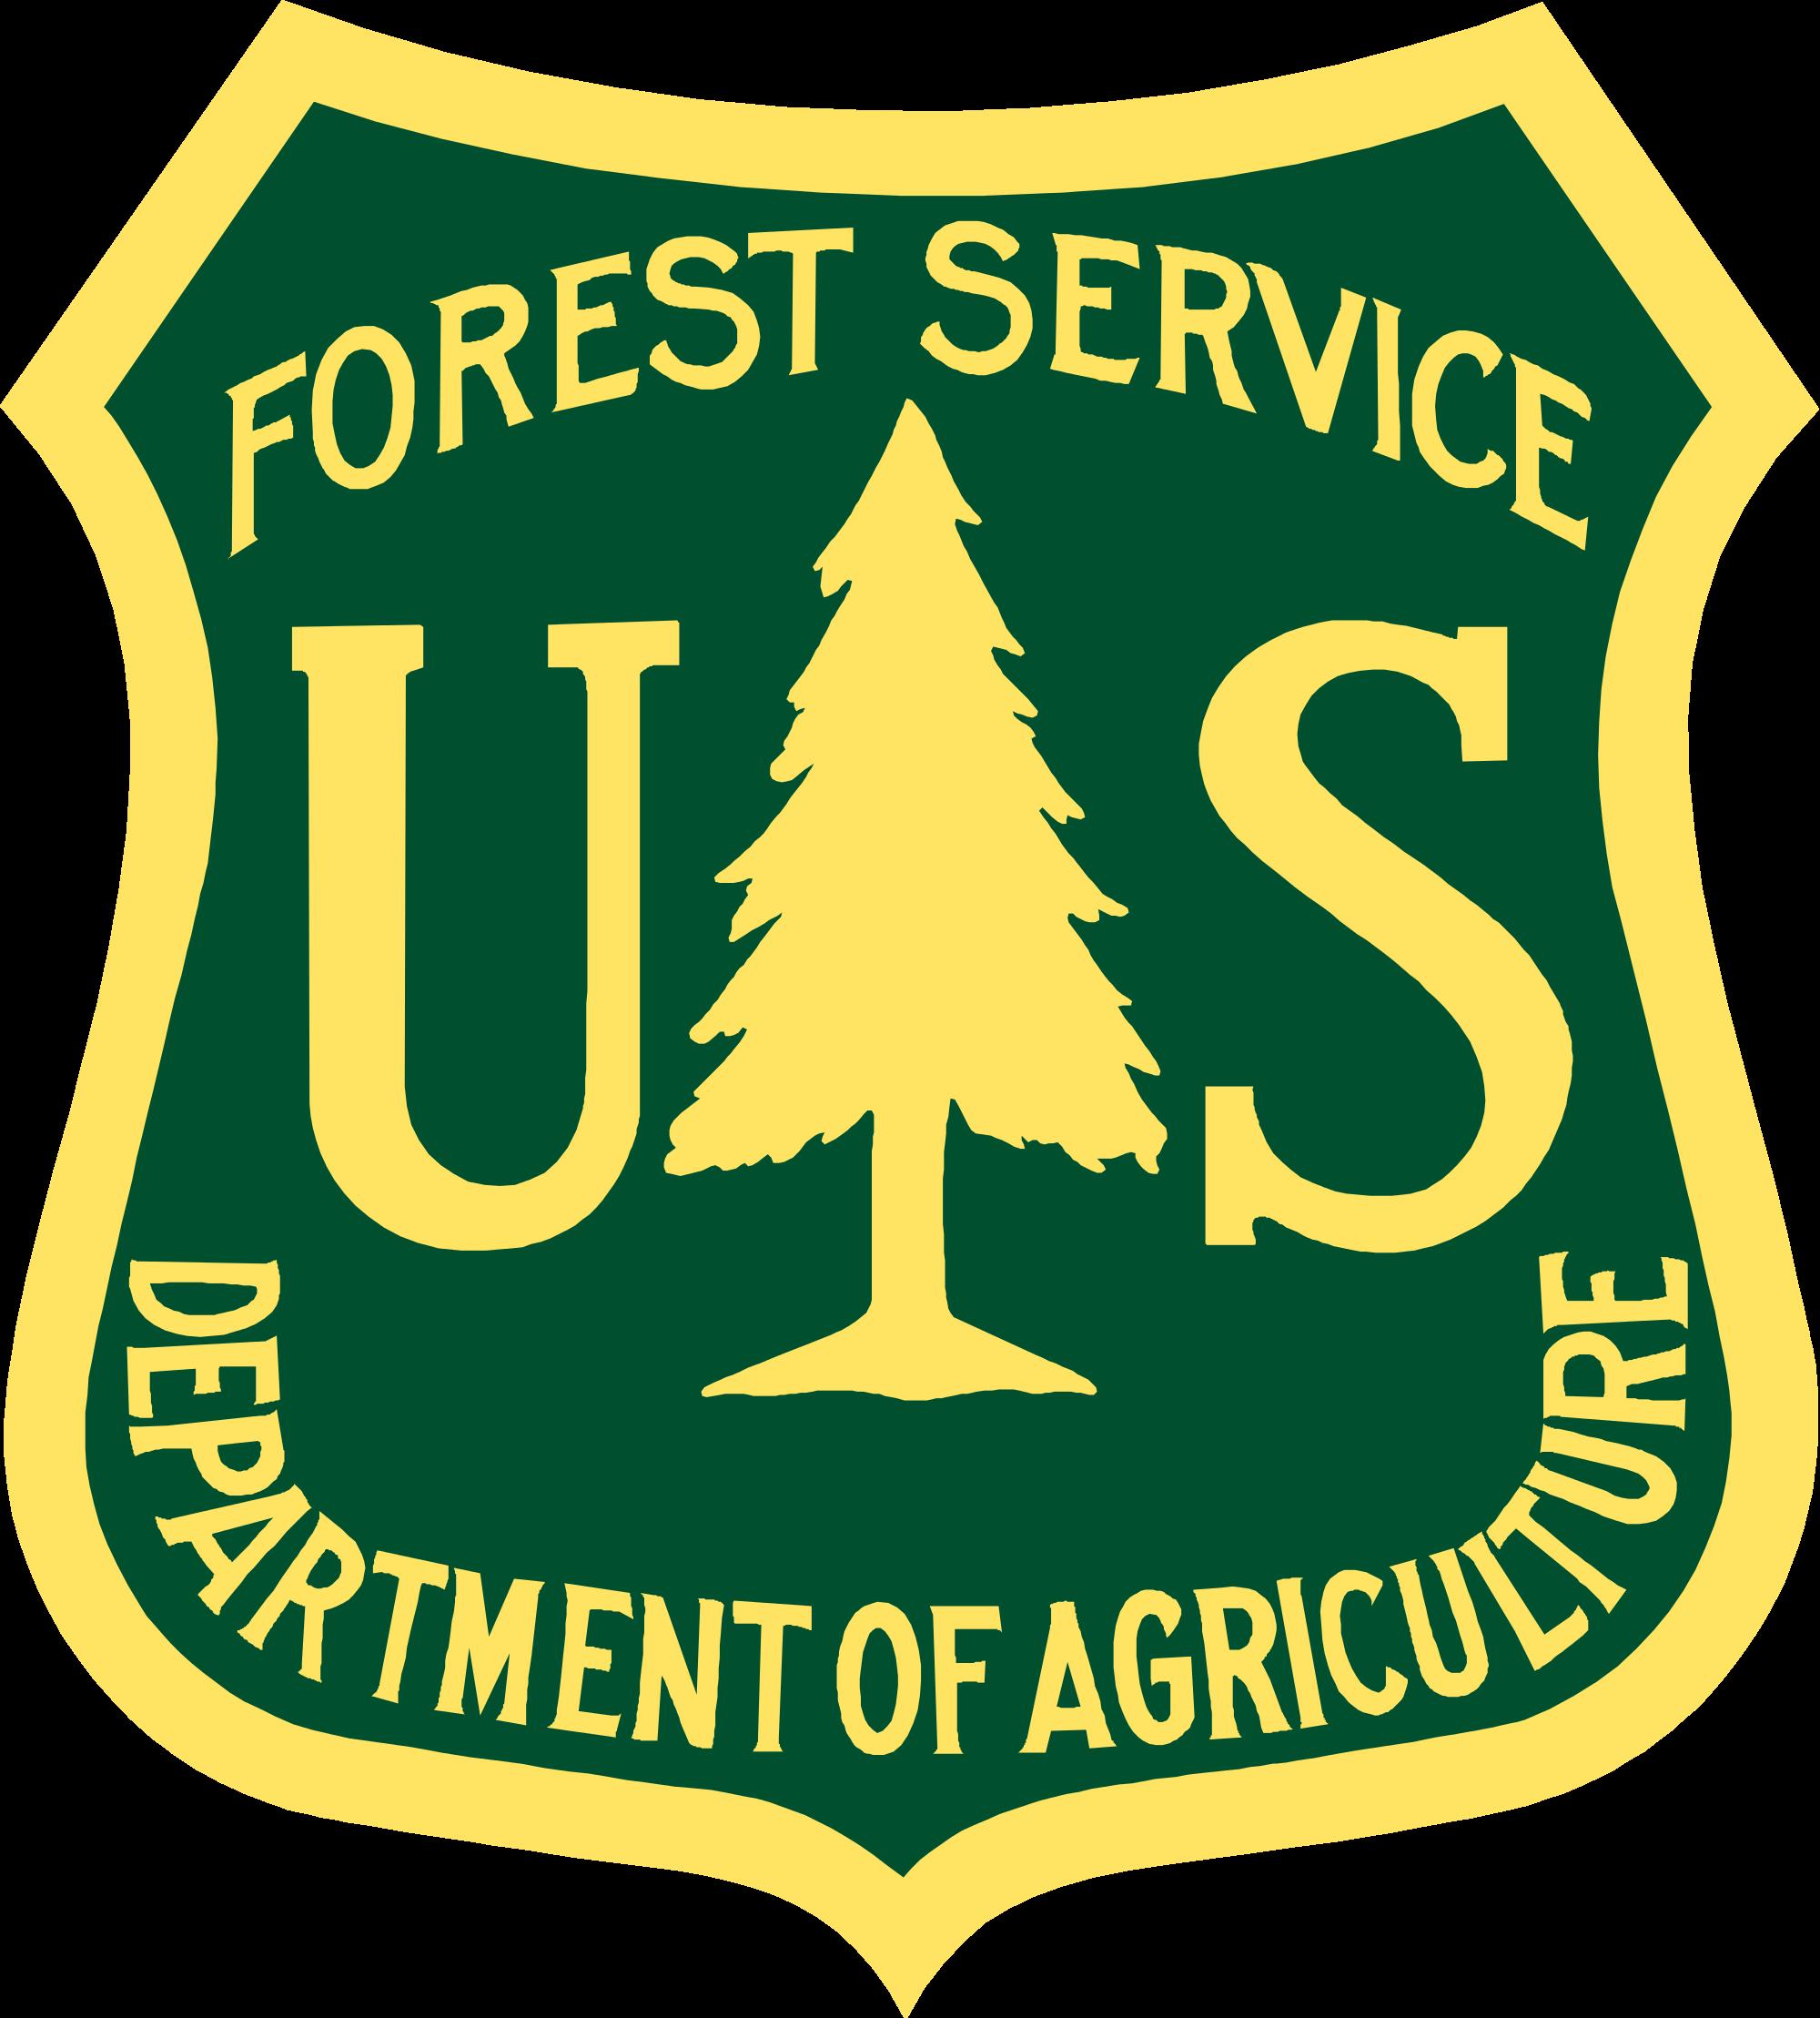 ForestServiceLogoOfficial_svg.png